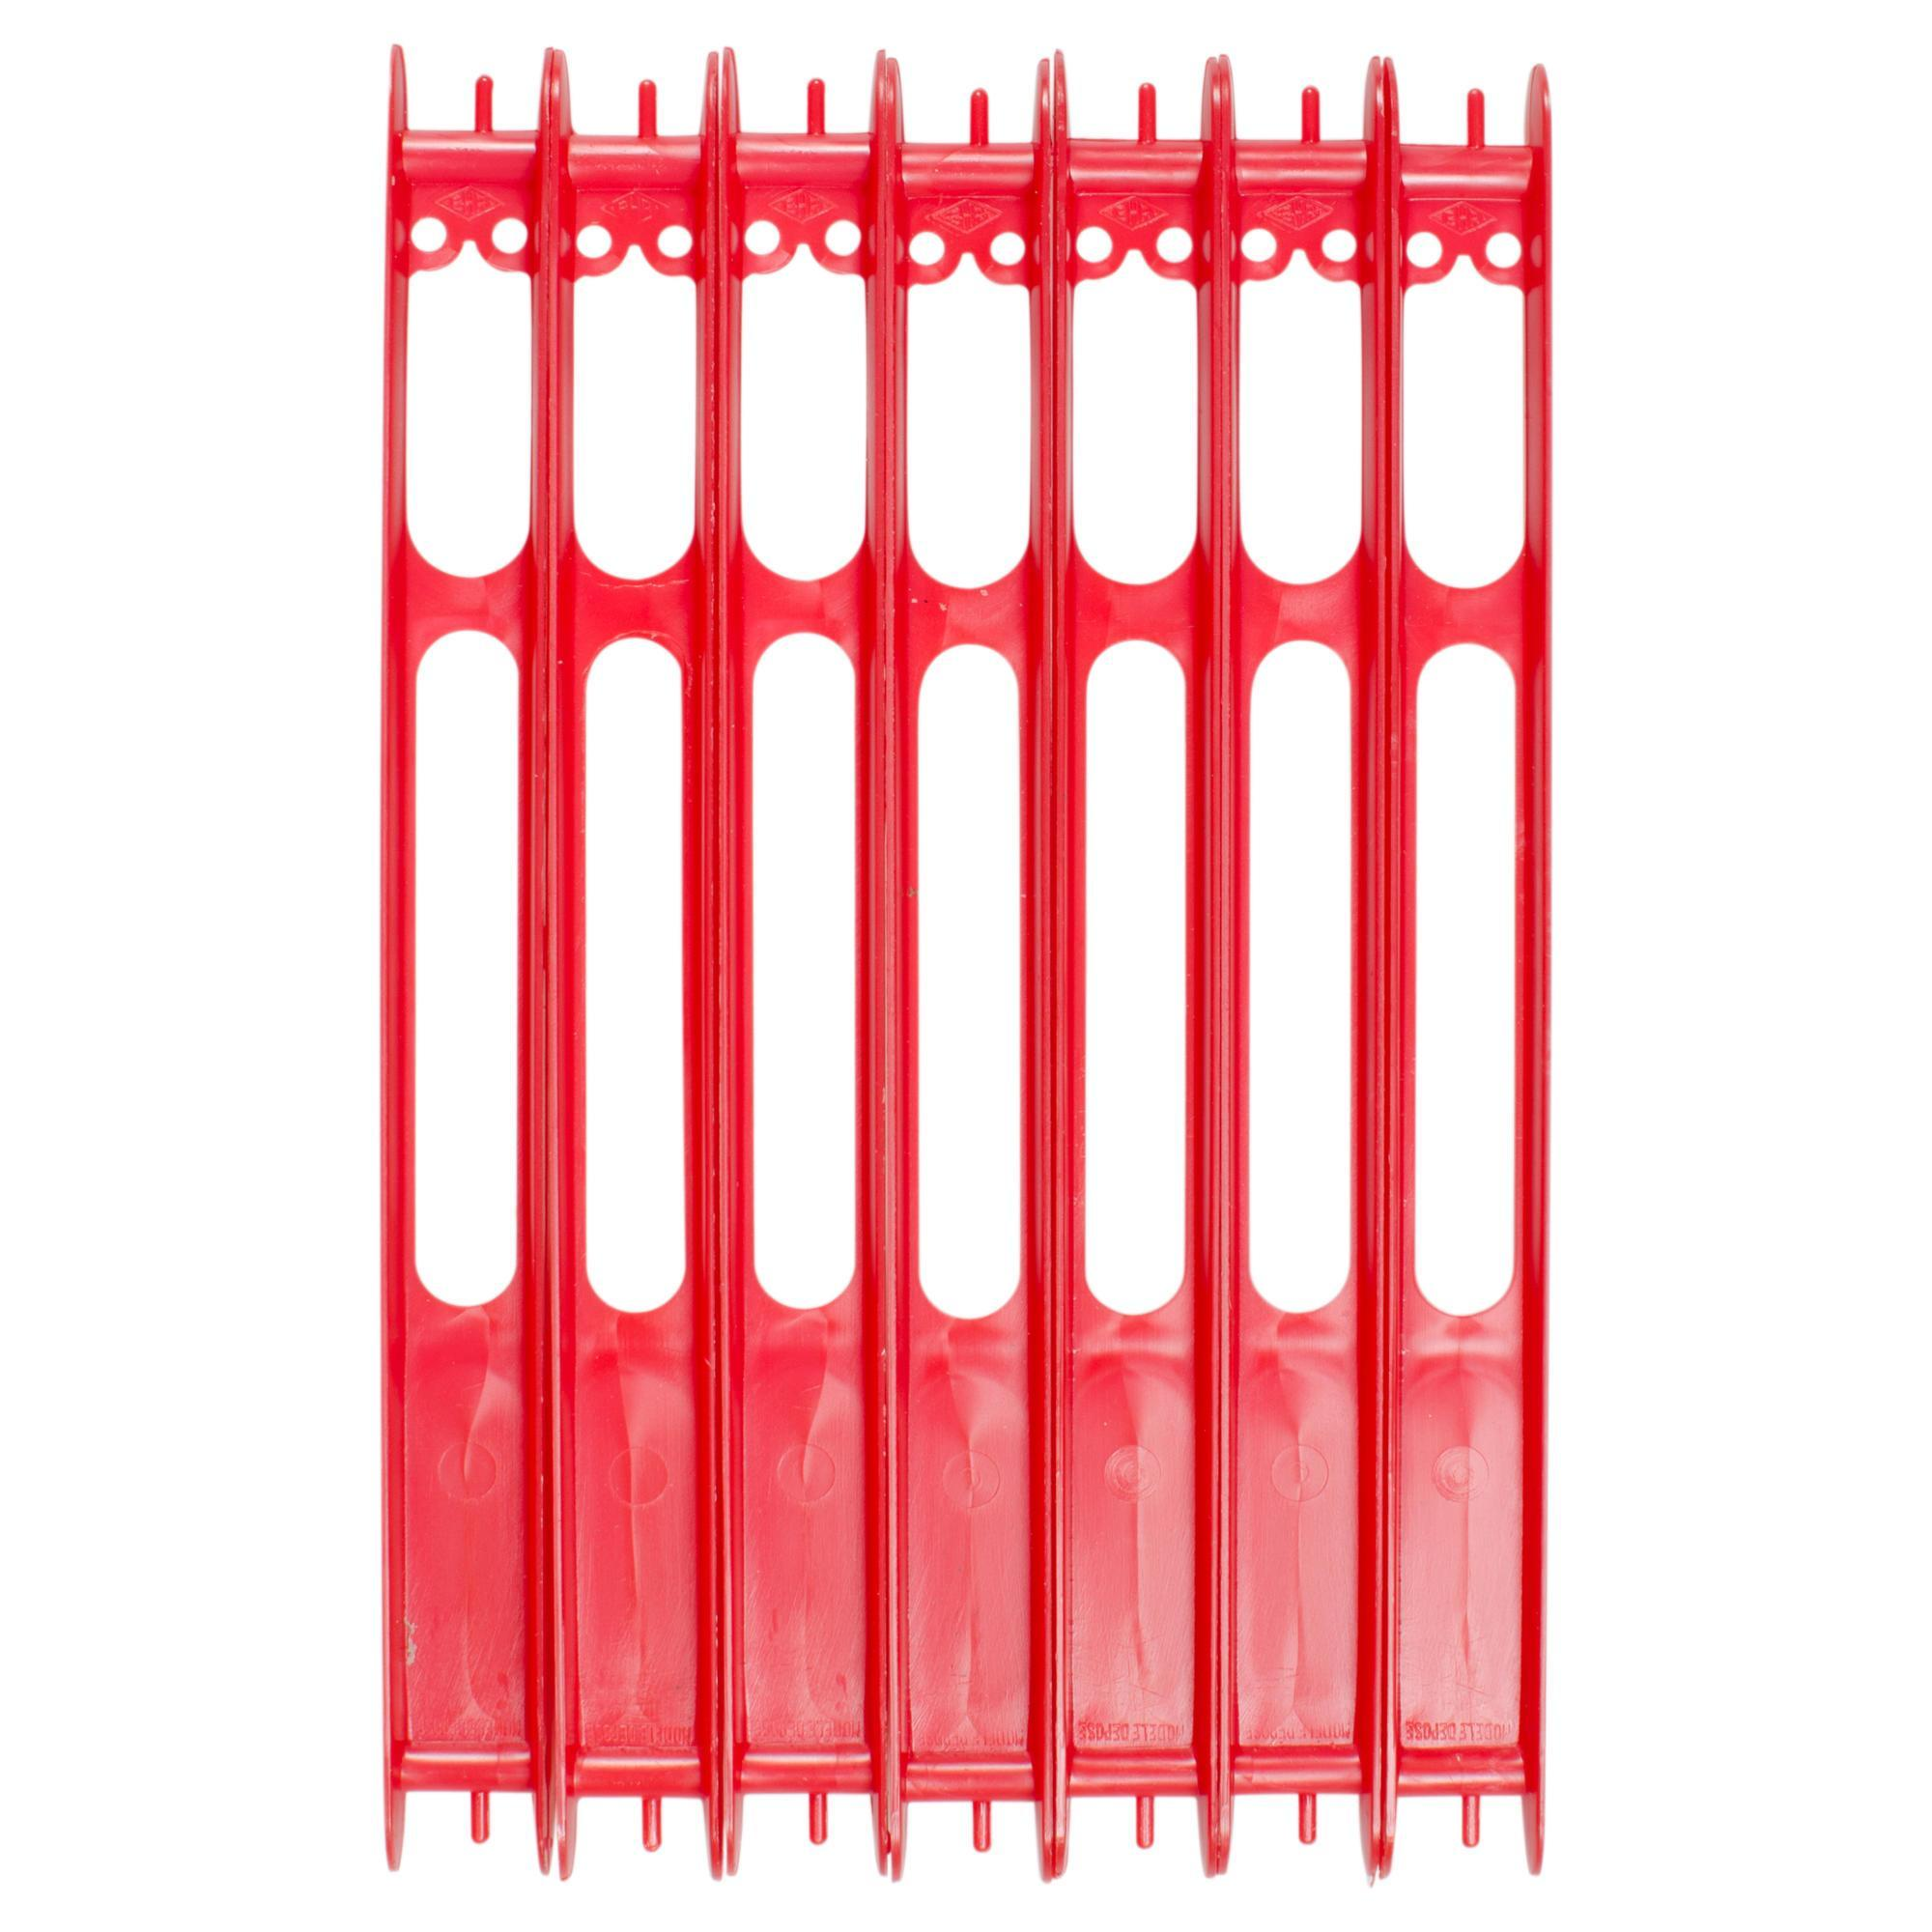 Caperlan Haspel hengelsport RL Winders Comp x6 18 cm kopen? Leest dit eerst: Overige hengelsporten Match vissen met korting